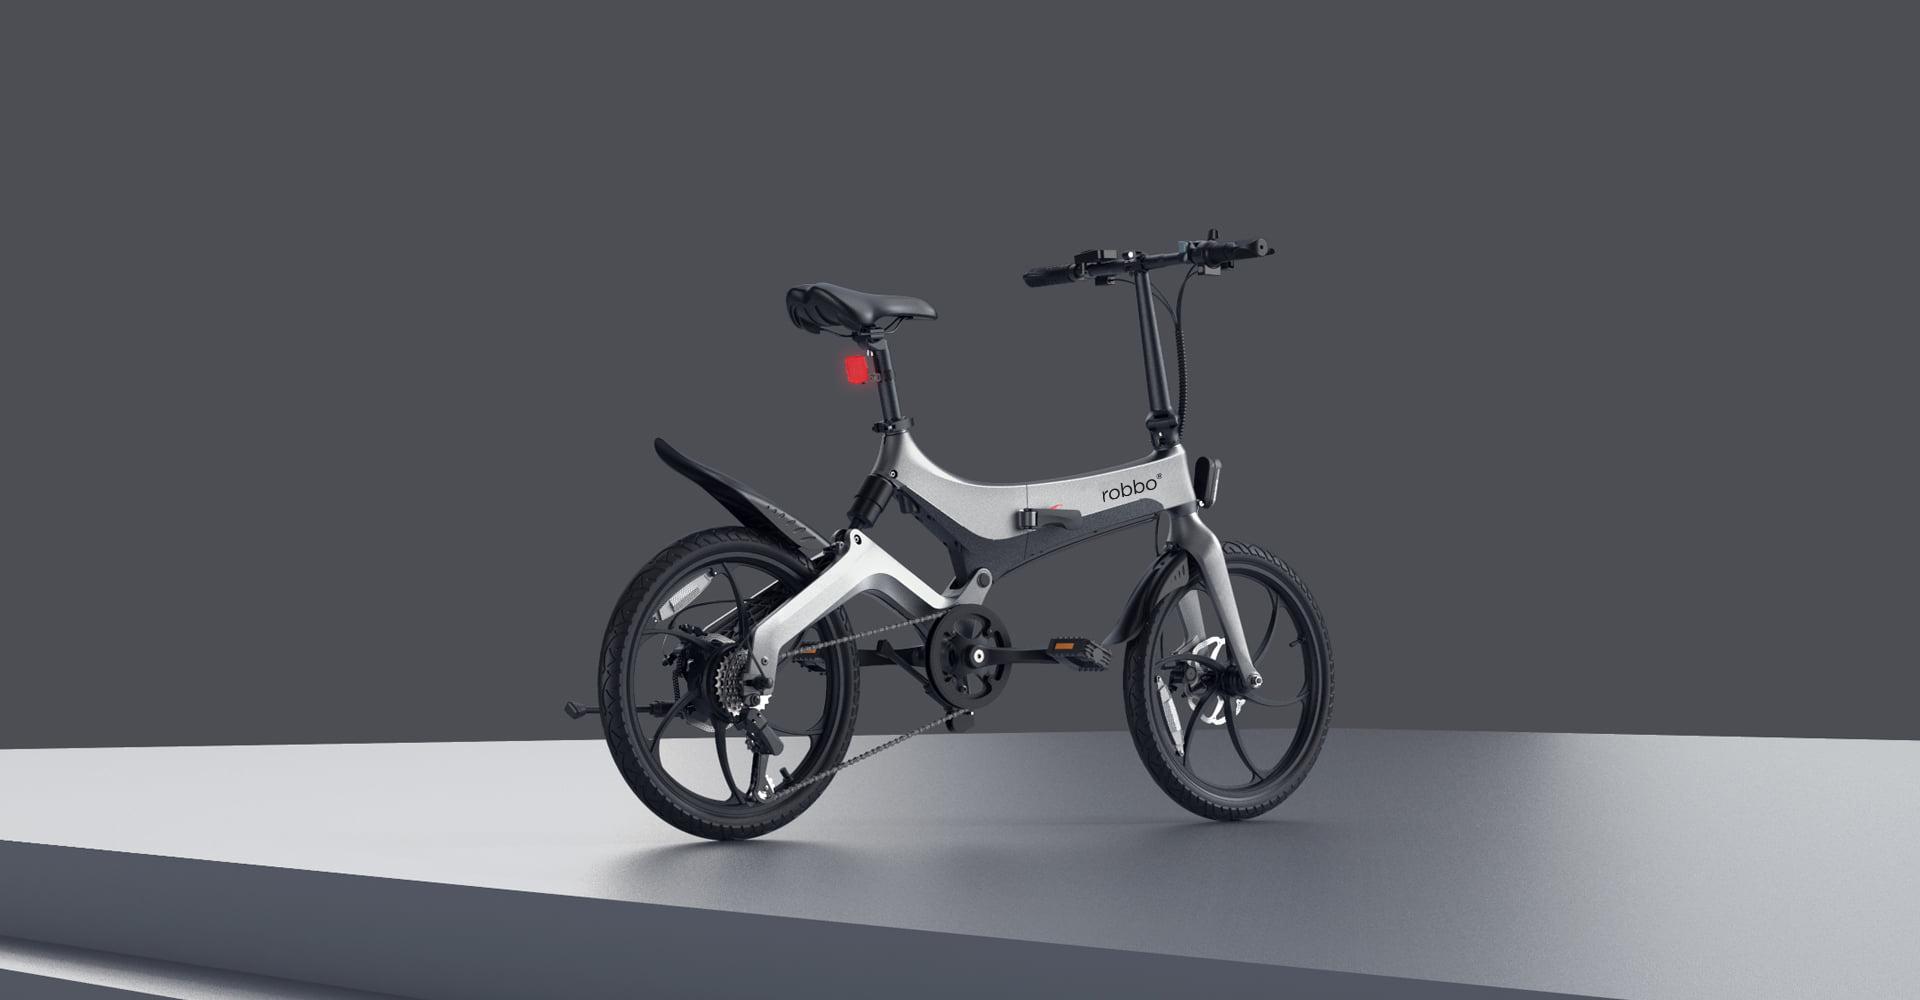 robbo s6+ electric bike